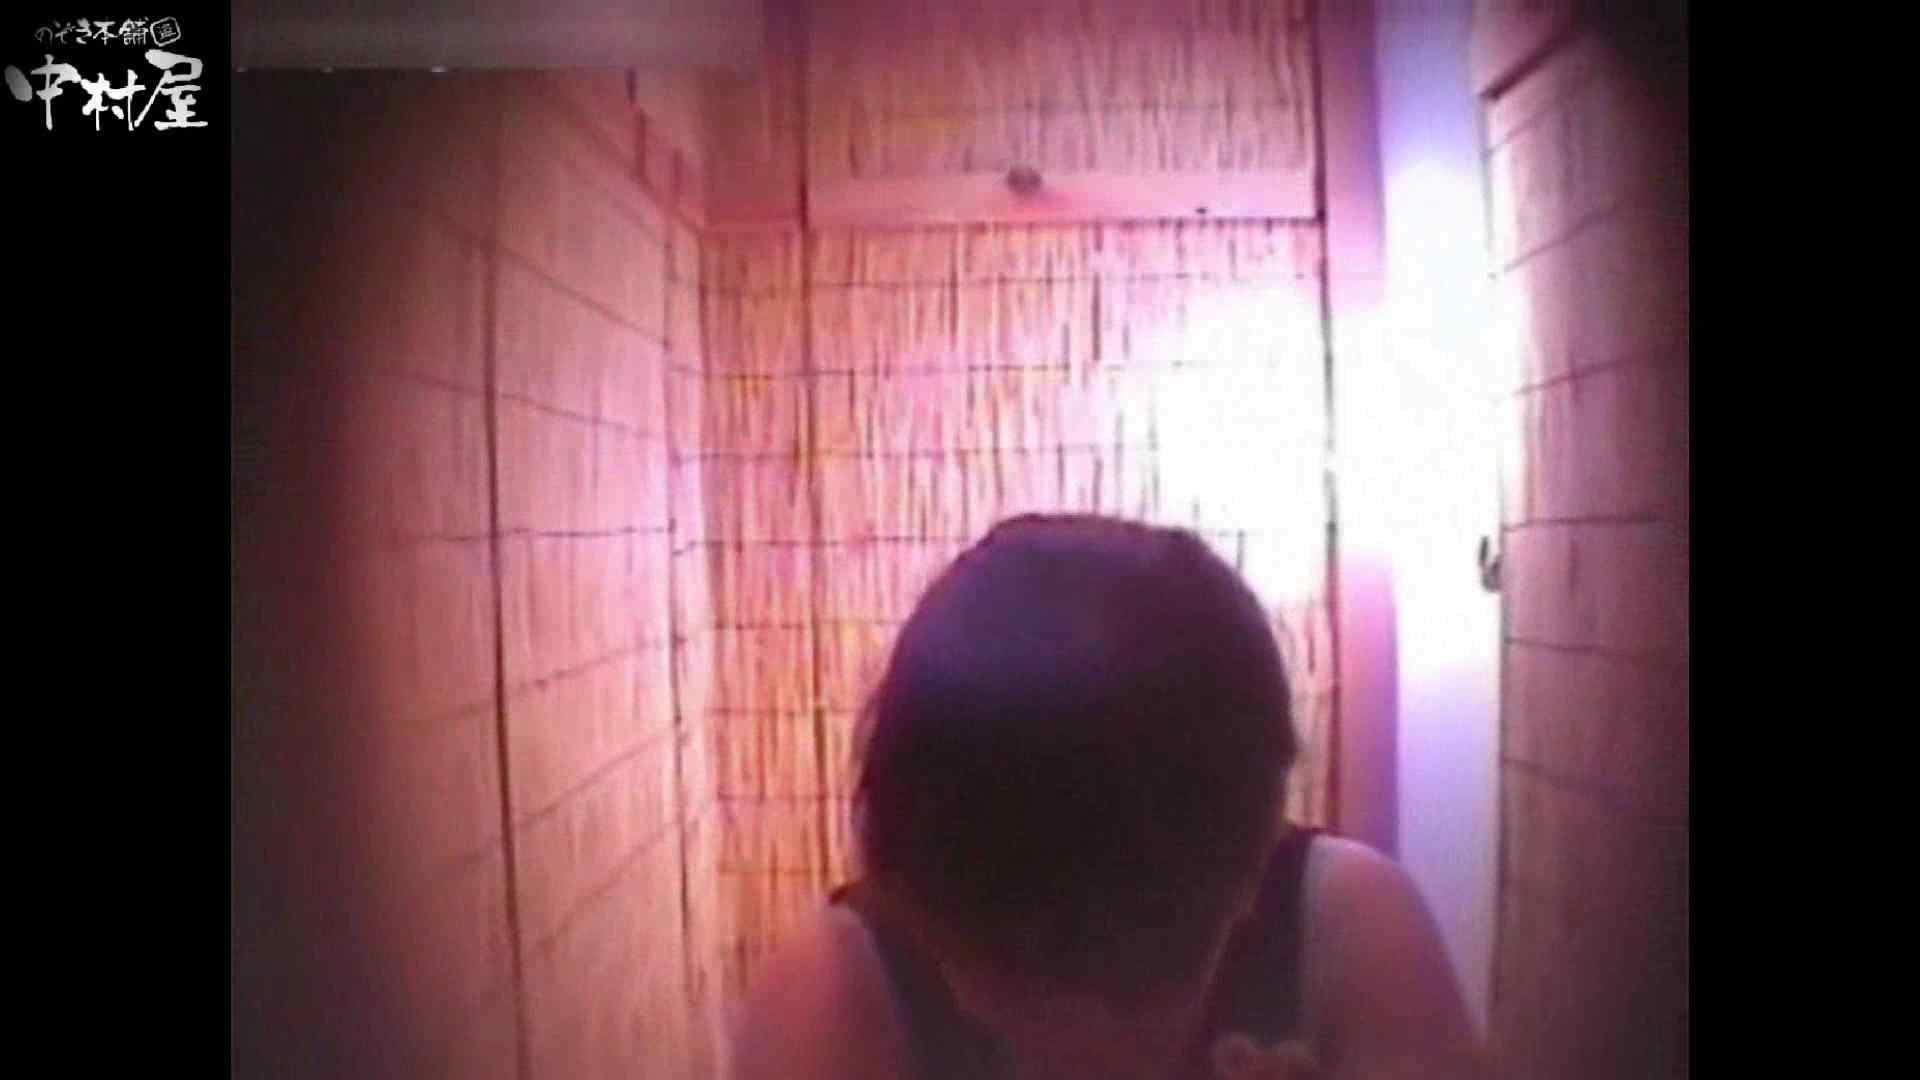 解禁!海の家4カメ洗面所vol.54 OLエロ画像 覗きスケベ動画紹介 97PICs 66